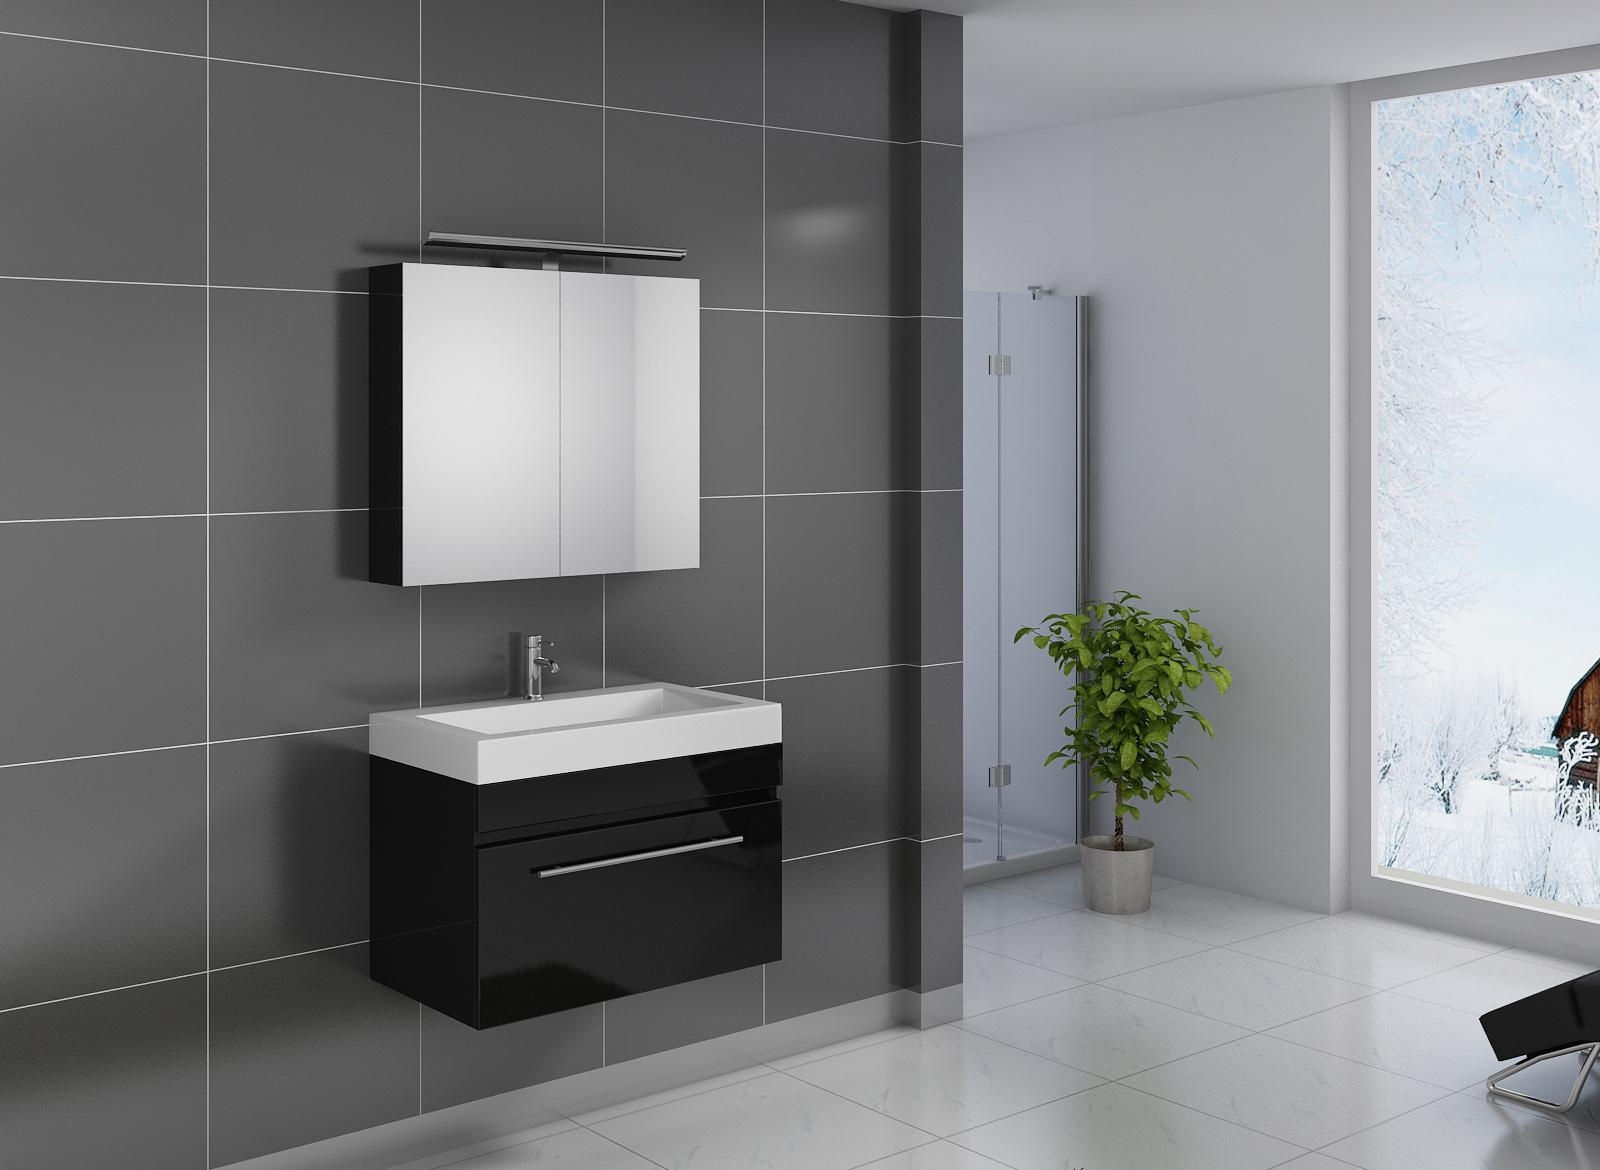 sam badezimmer set lunik 2tlg spiegelschrank schwarz 80 cm. Black Bedroom Furniture Sets. Home Design Ideas